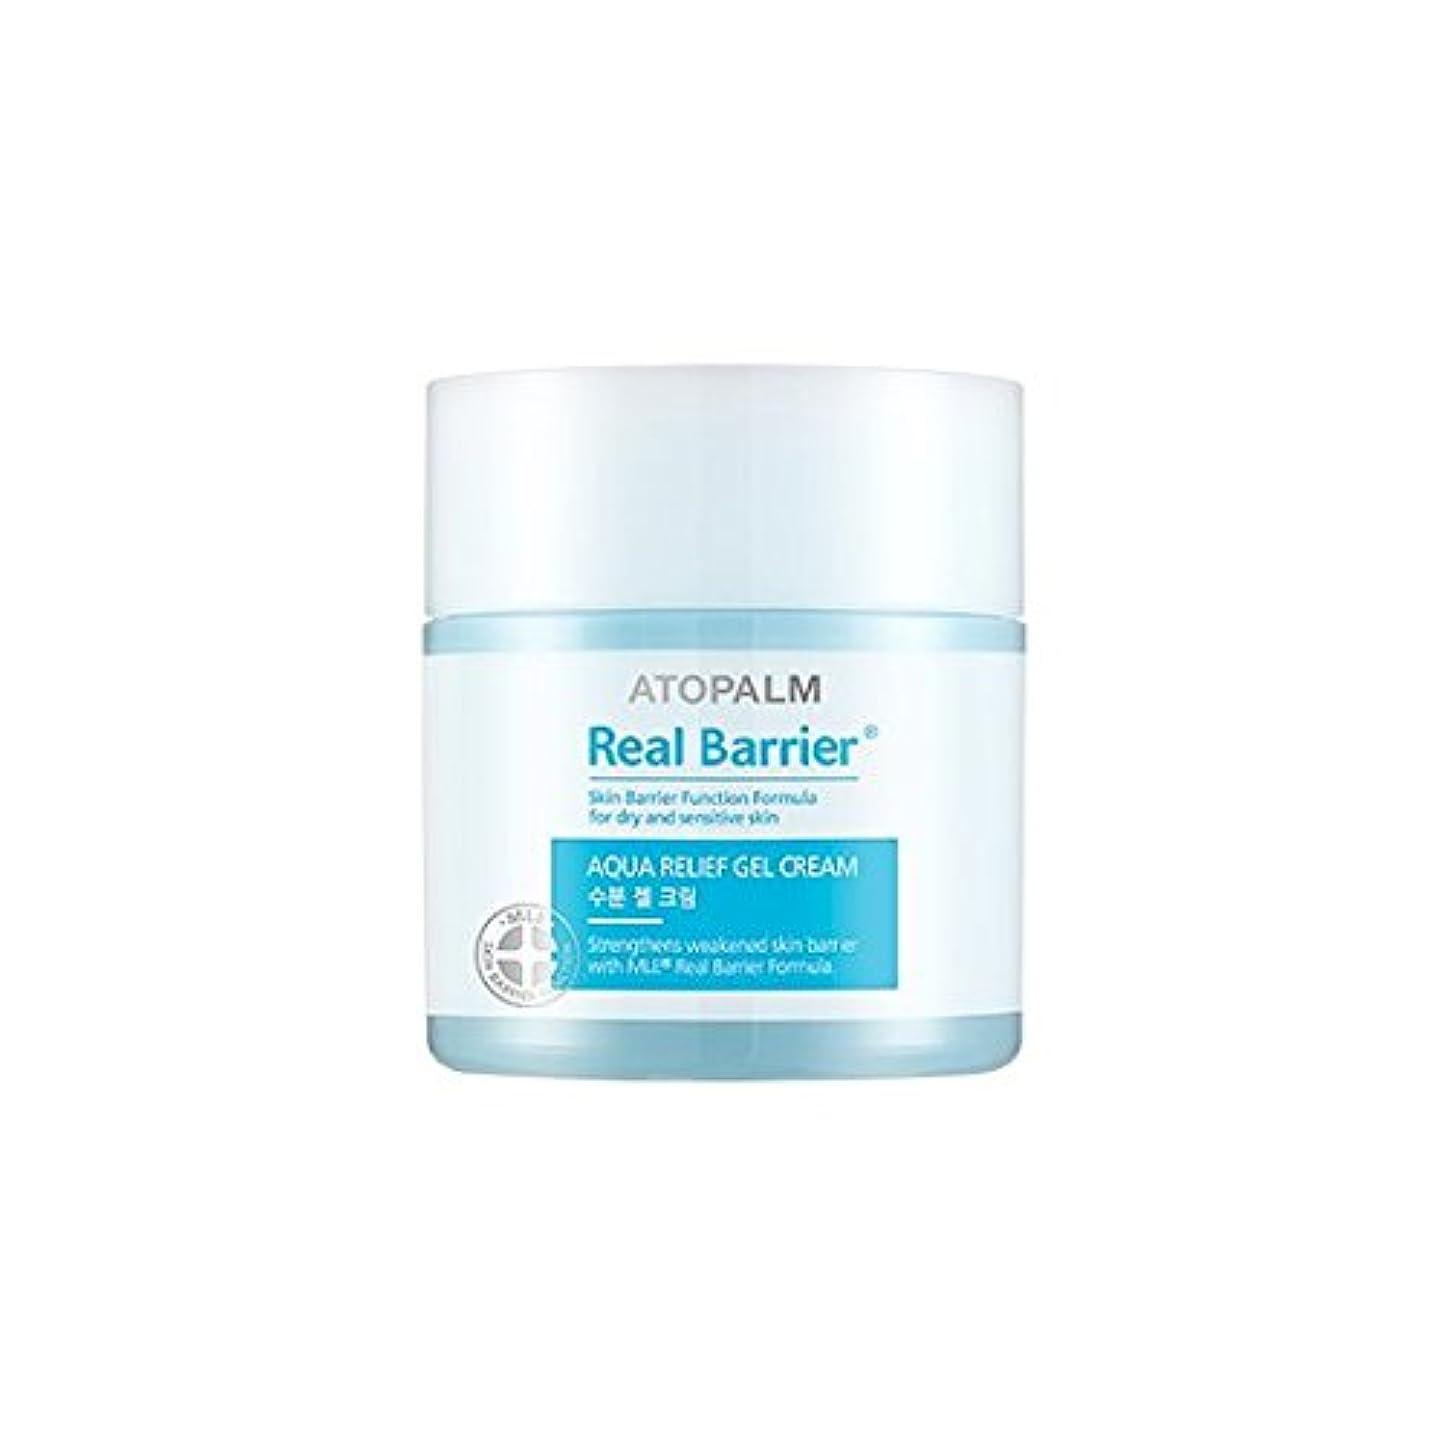 インフレーション地雷原印象的ATOPALM Real Barrier Aqua Relief Gel Cream 50ml/アトパーム リアル バリア アクア リリーフ ジェル クリーム 50ml [並行輸入品]